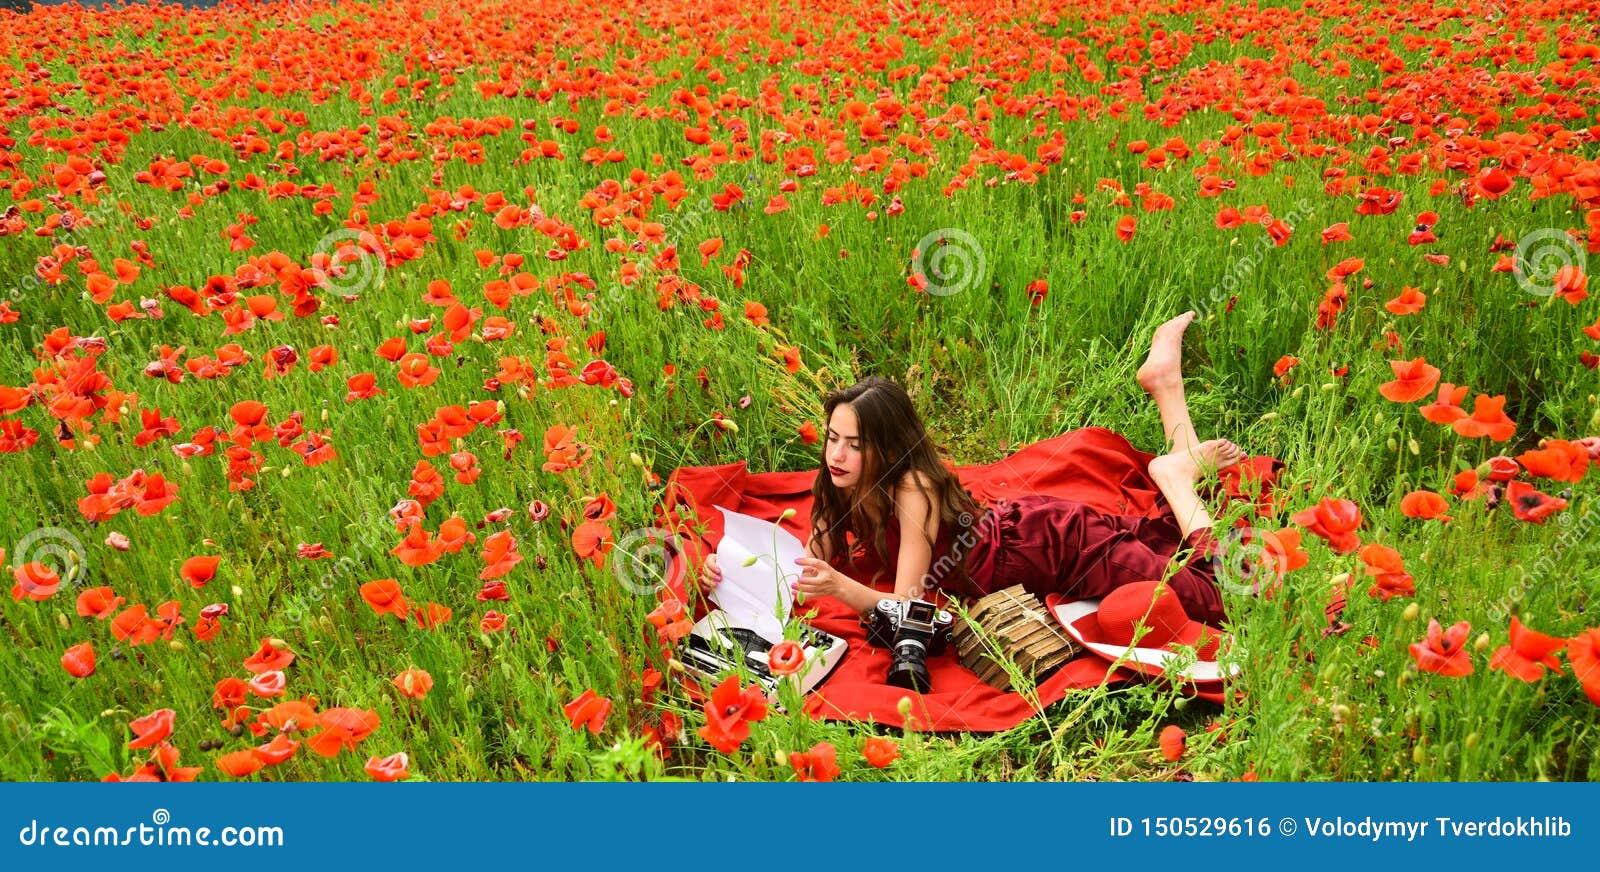 Drug, narcotics, opium, woman with typewriter, camera, book.